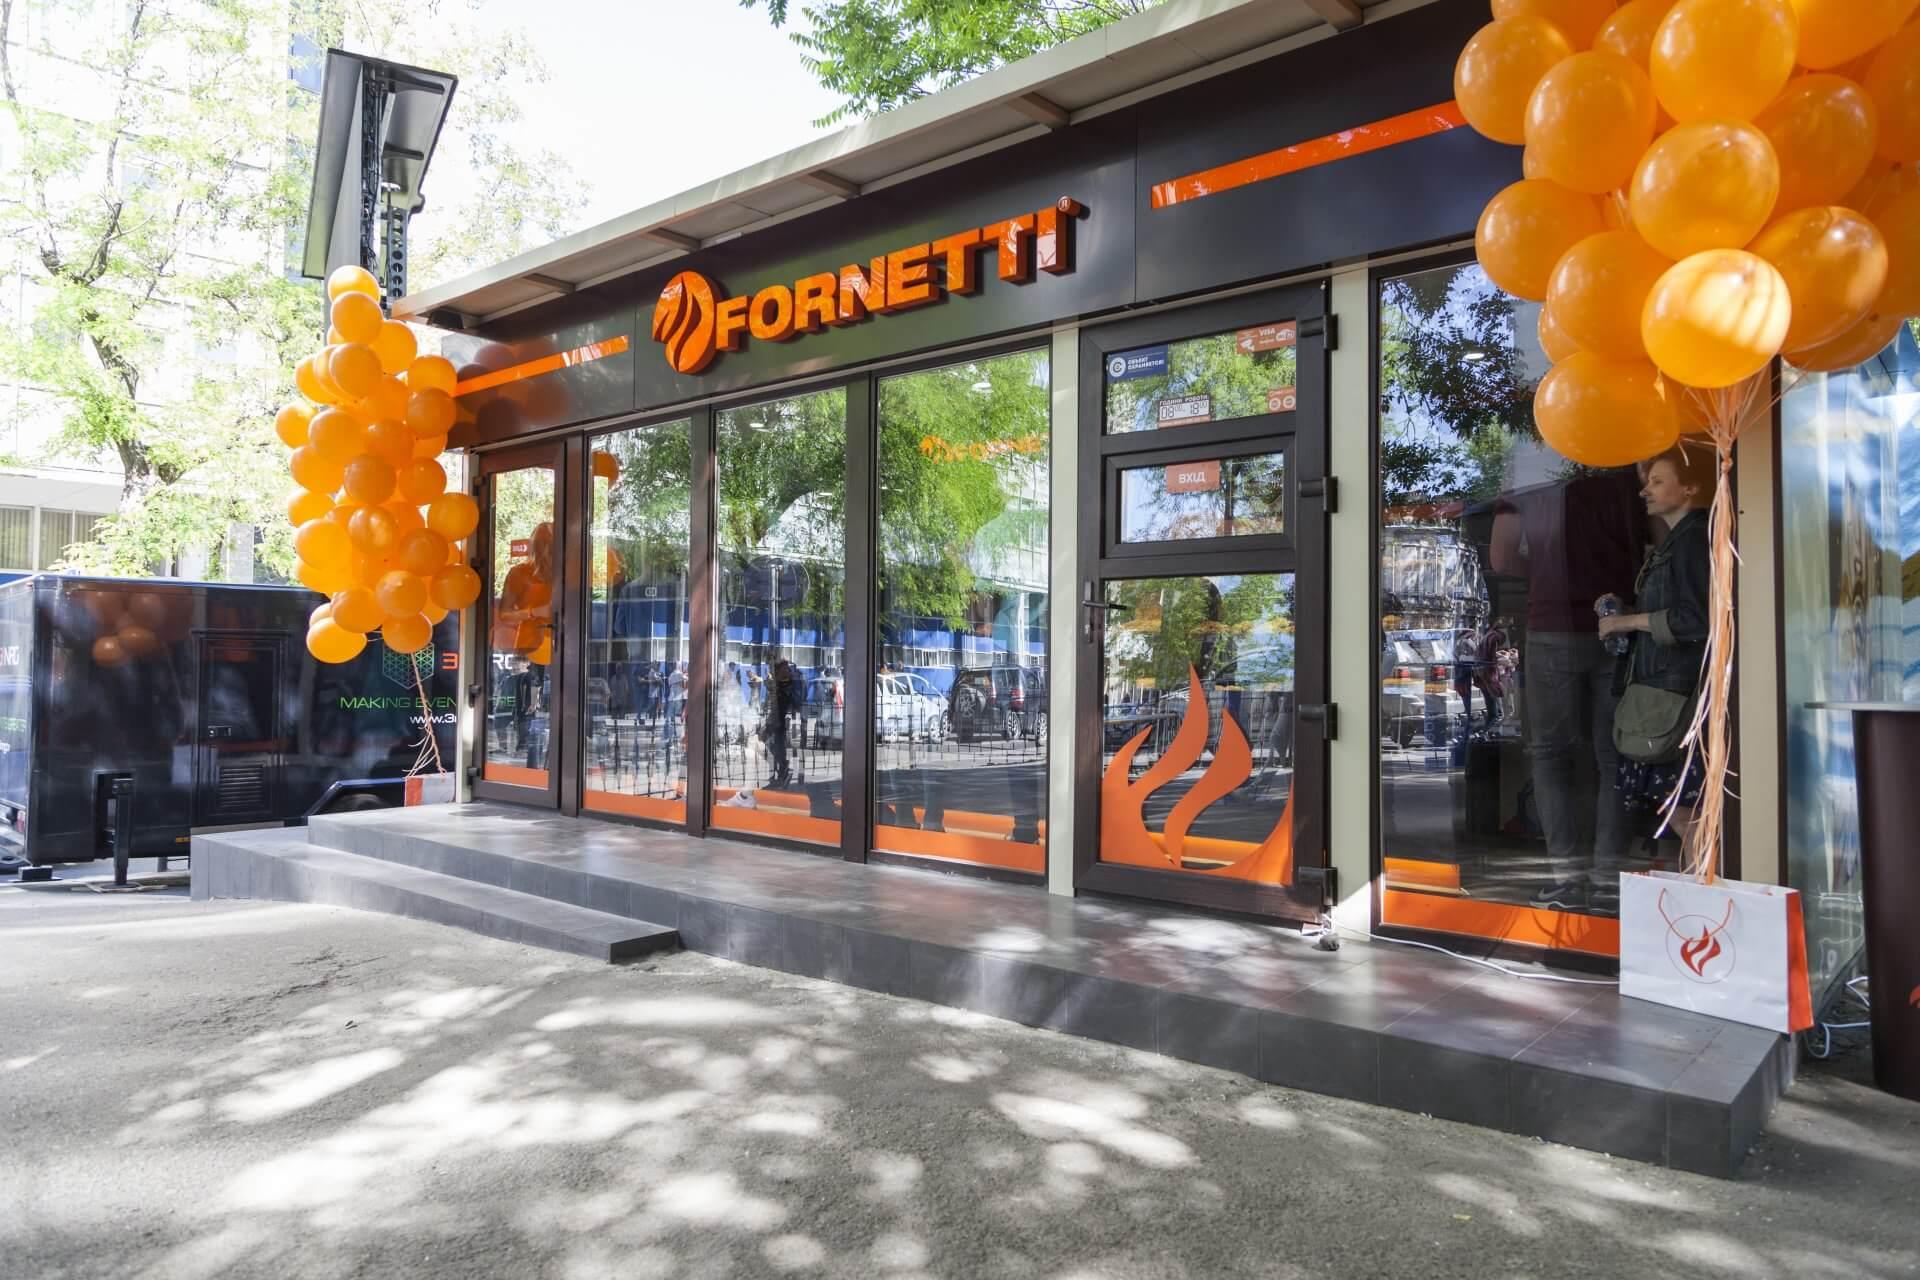 На запуск – около $9 тыс., а зарабатывать можно до $2,5 тыс. в месяц. Как открыть пекарню Fornetti